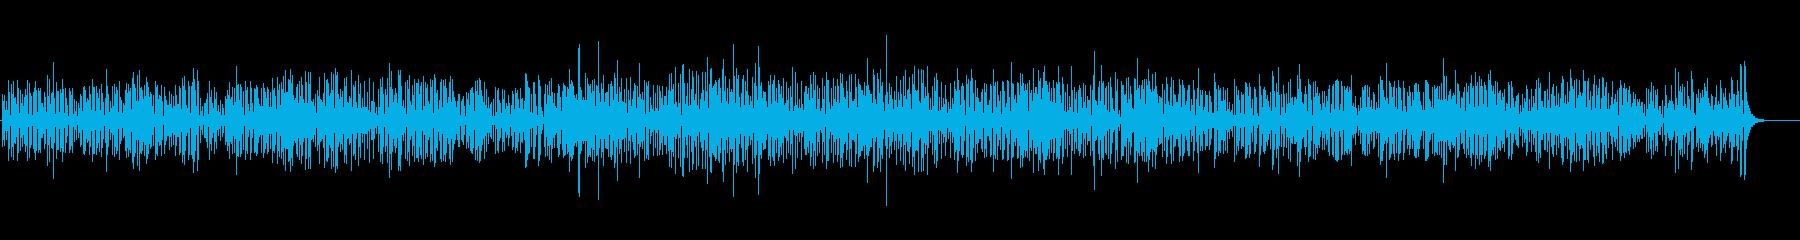 わくわくするジャズの再生済みの波形